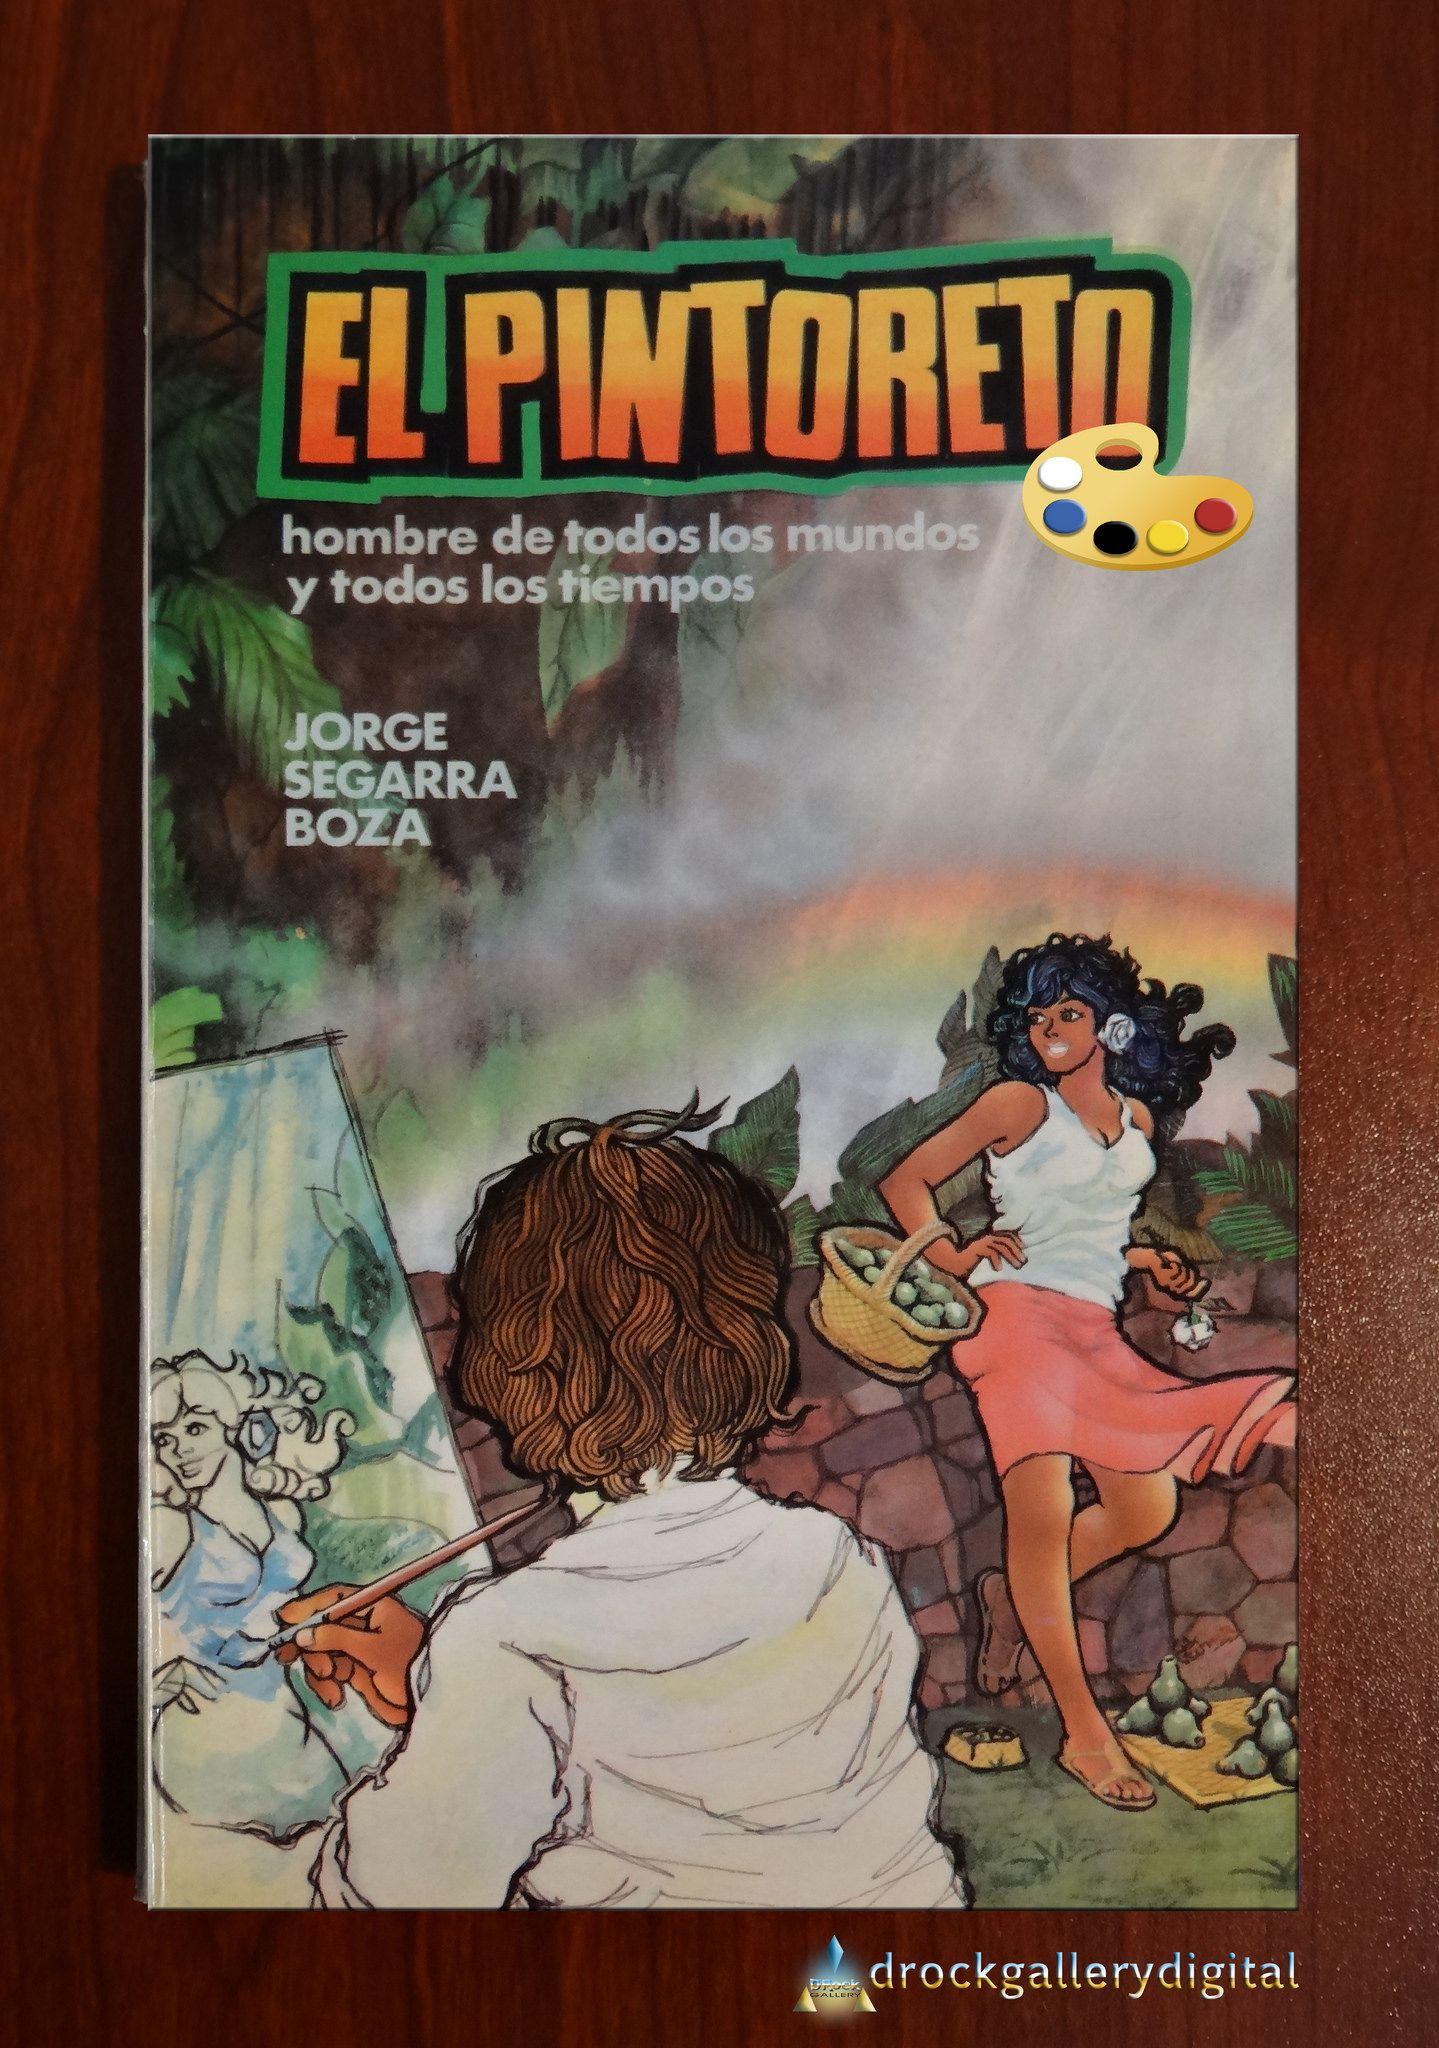 https://flic.kr/p/EZcgLy | EL PINTORETO | escrito por Jorge Segarra Boza